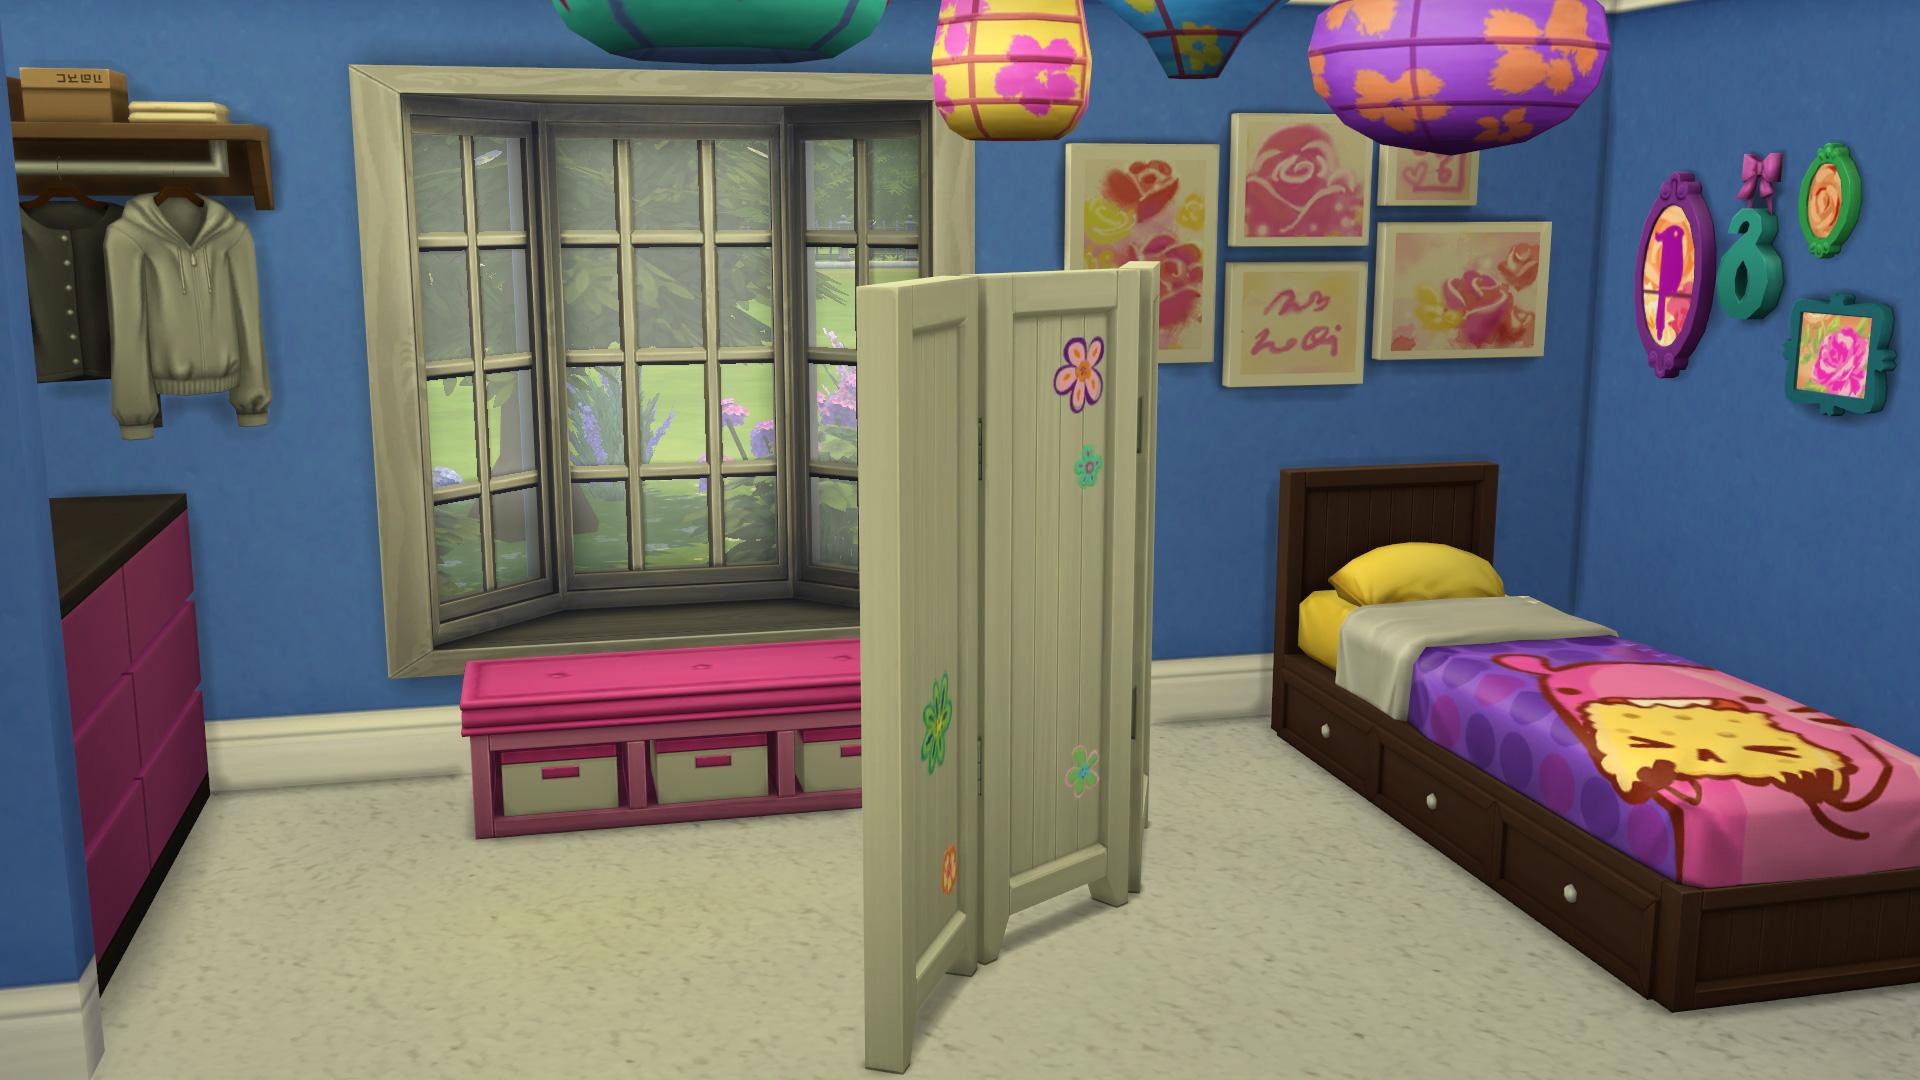 Angespielt: Die Sims 4 Kinderzimmer-Accessoires